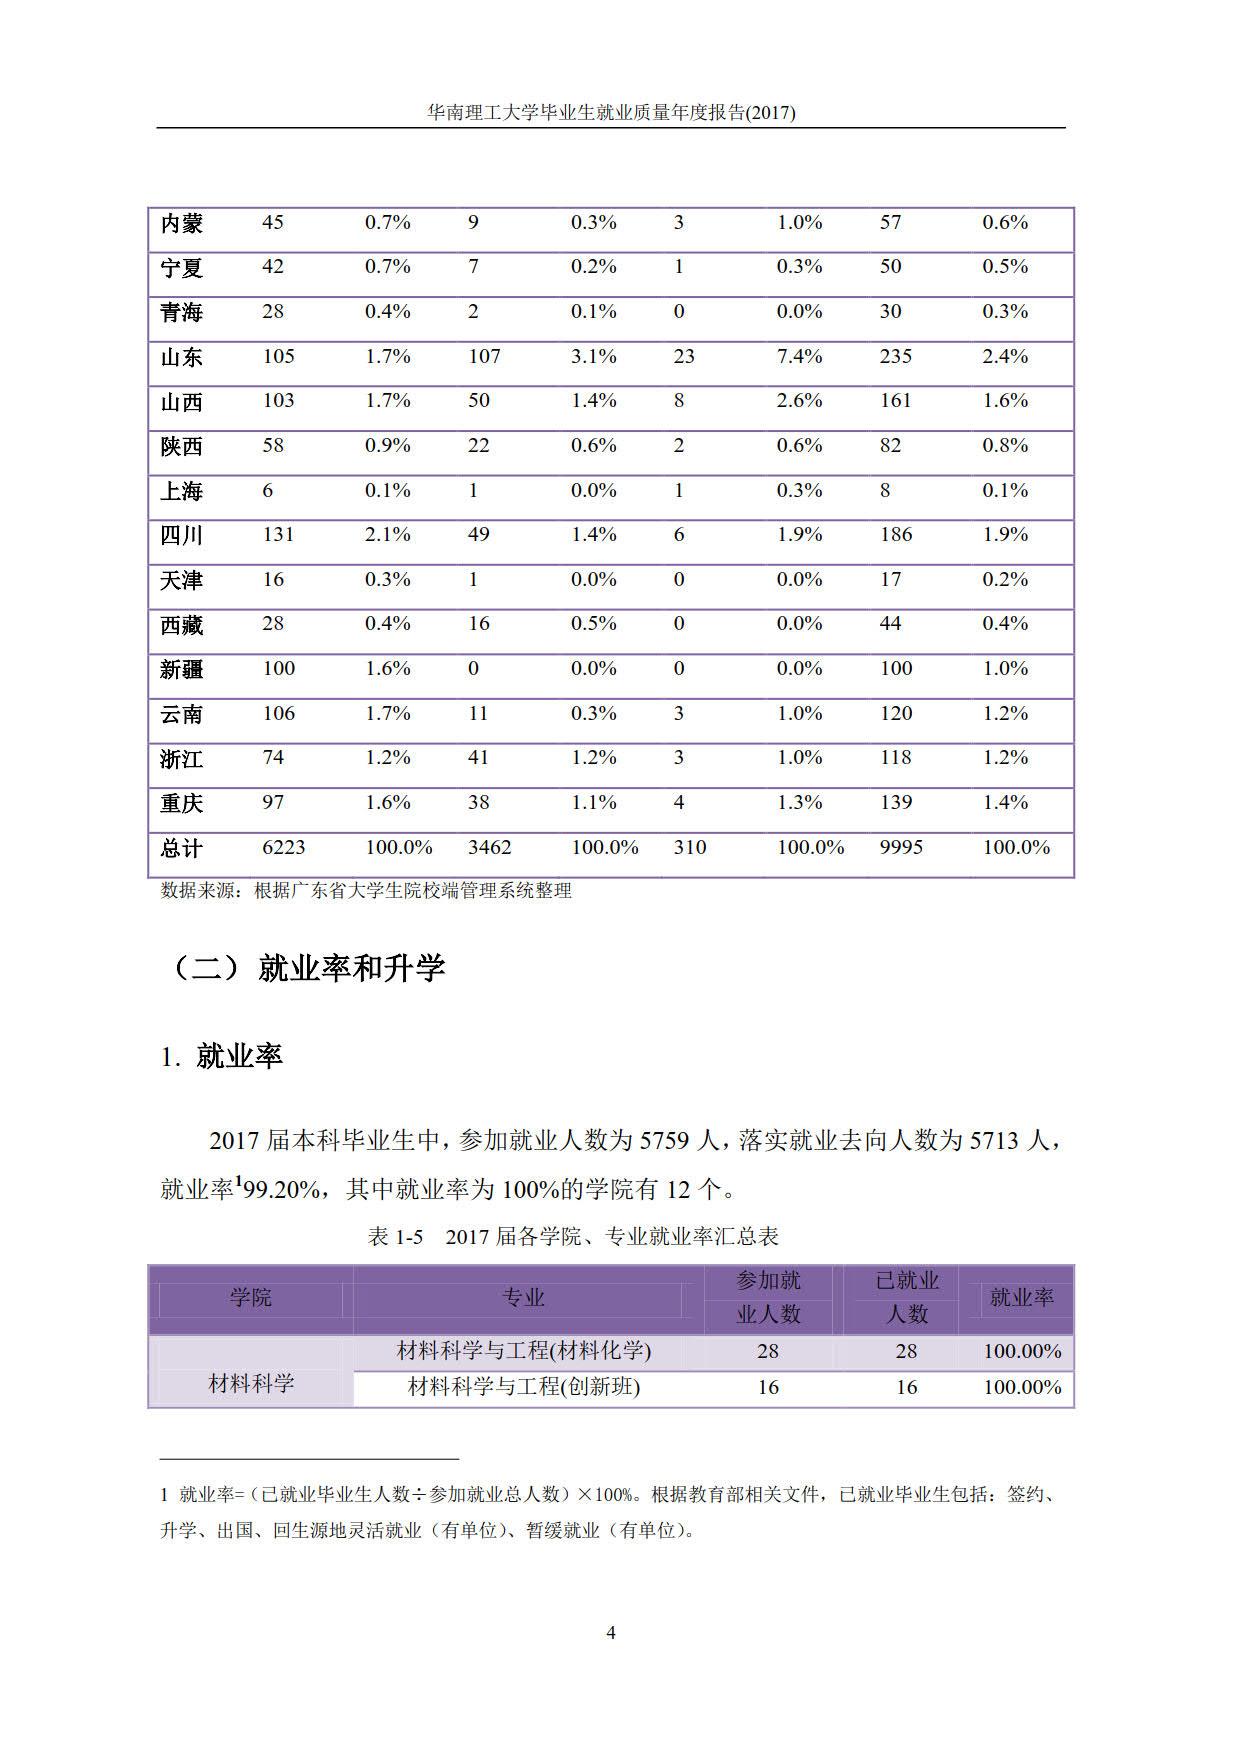 华南理工大学2017届本科毕业生最终就业情况统计表